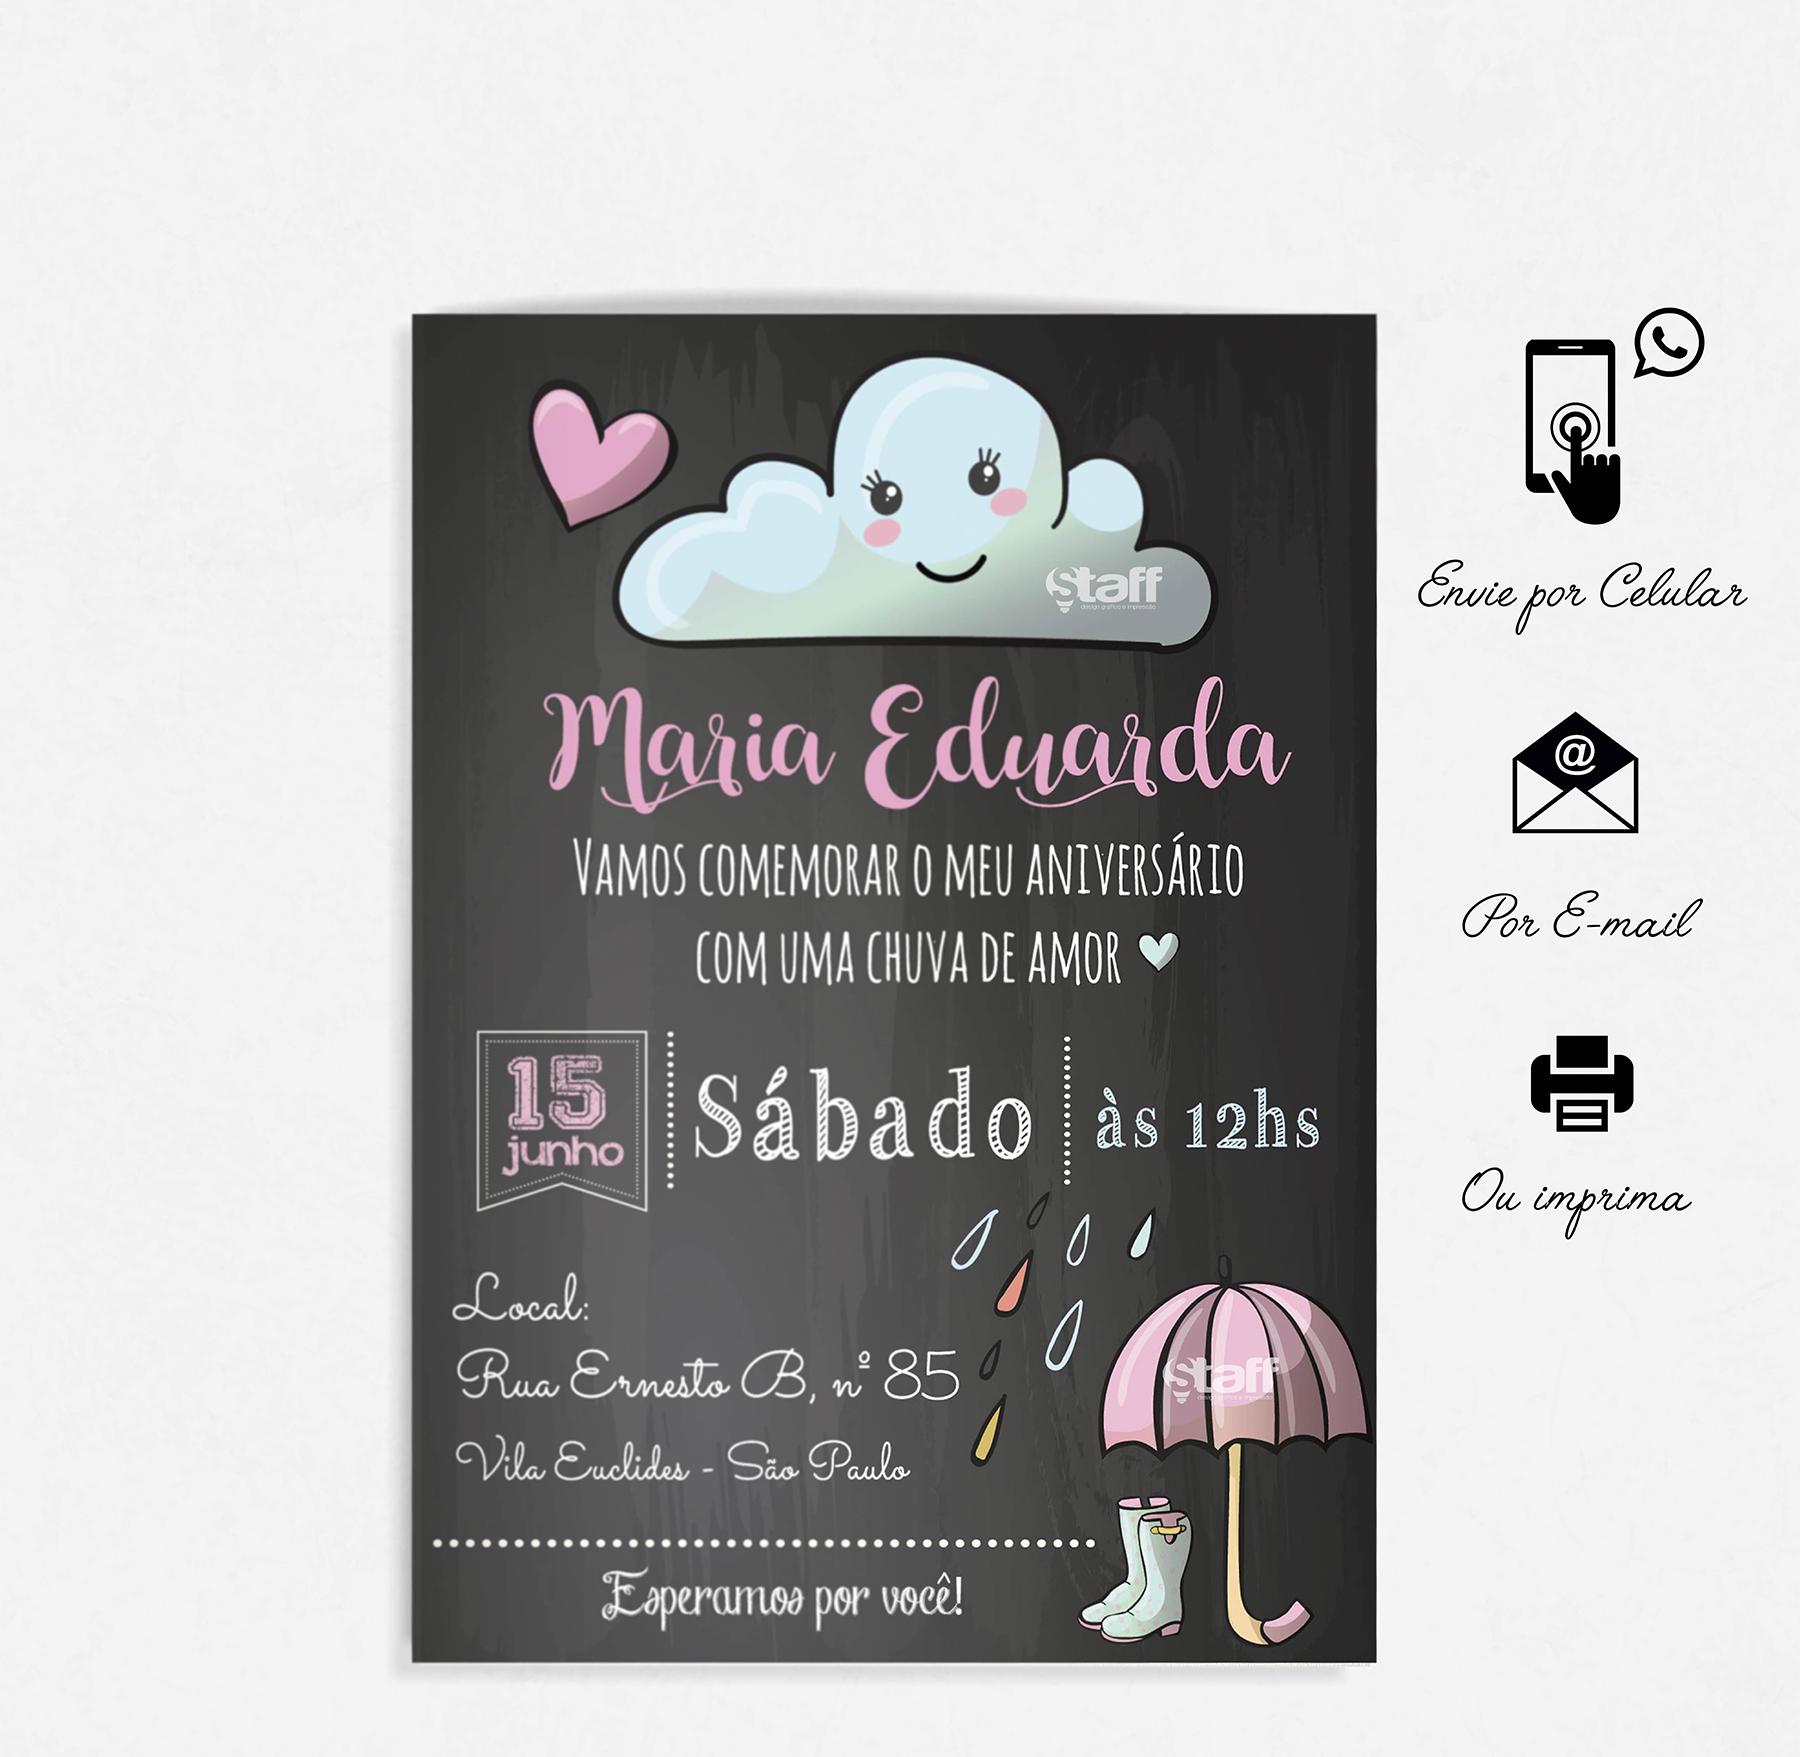 Convite Chuva De Amor Elo7